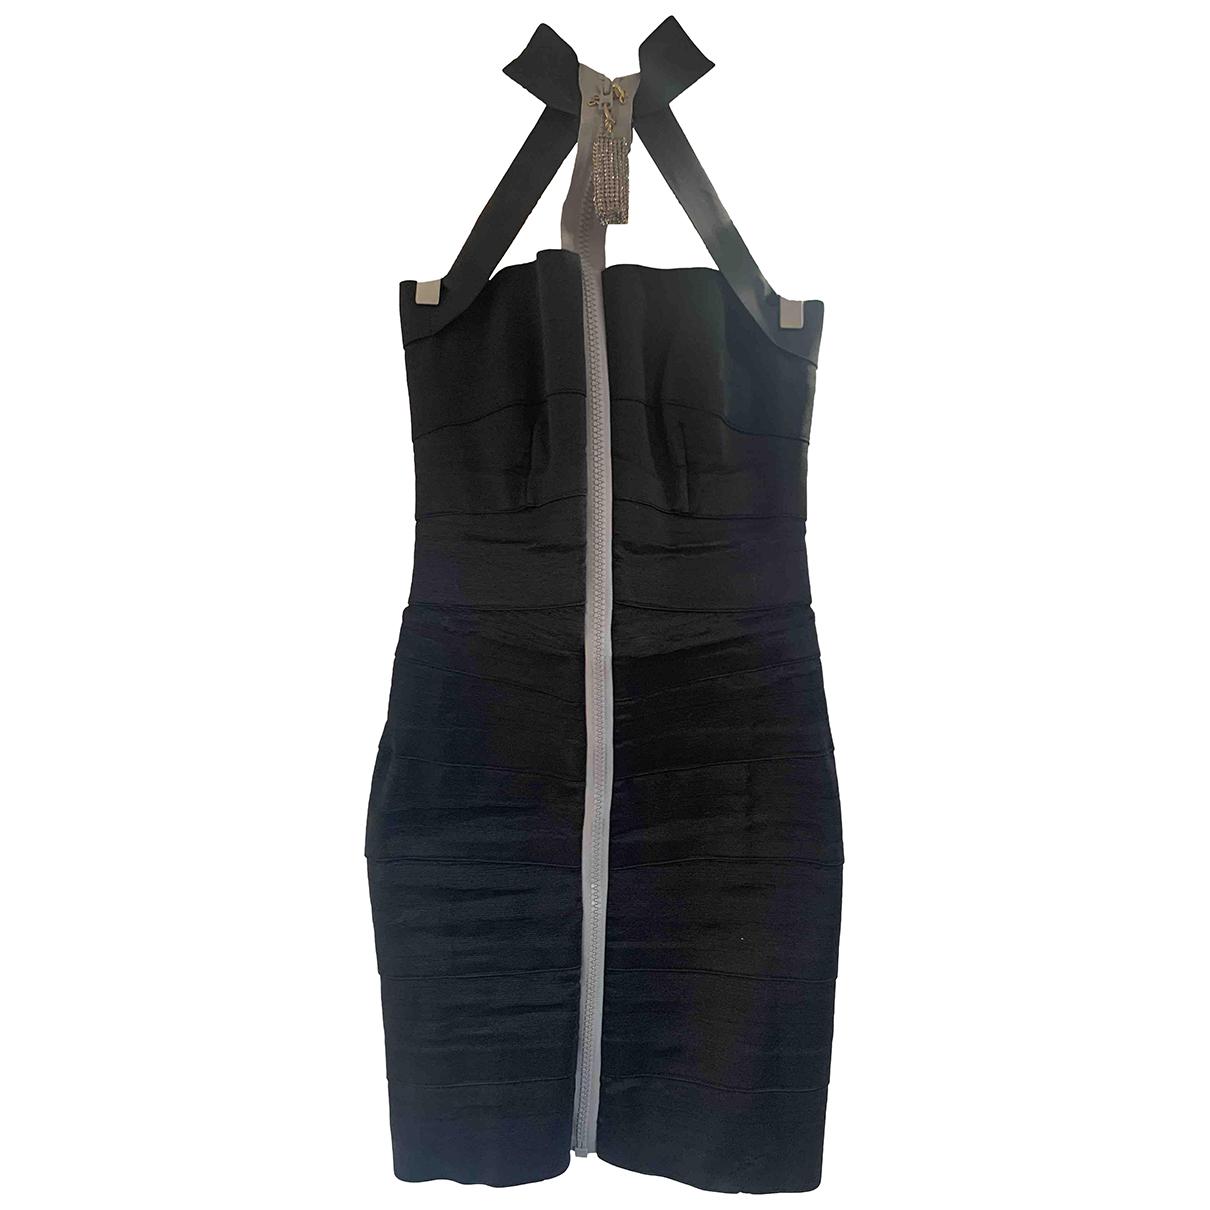 Christopher Kane \N Black Cotton - elasthane dress for Women S International